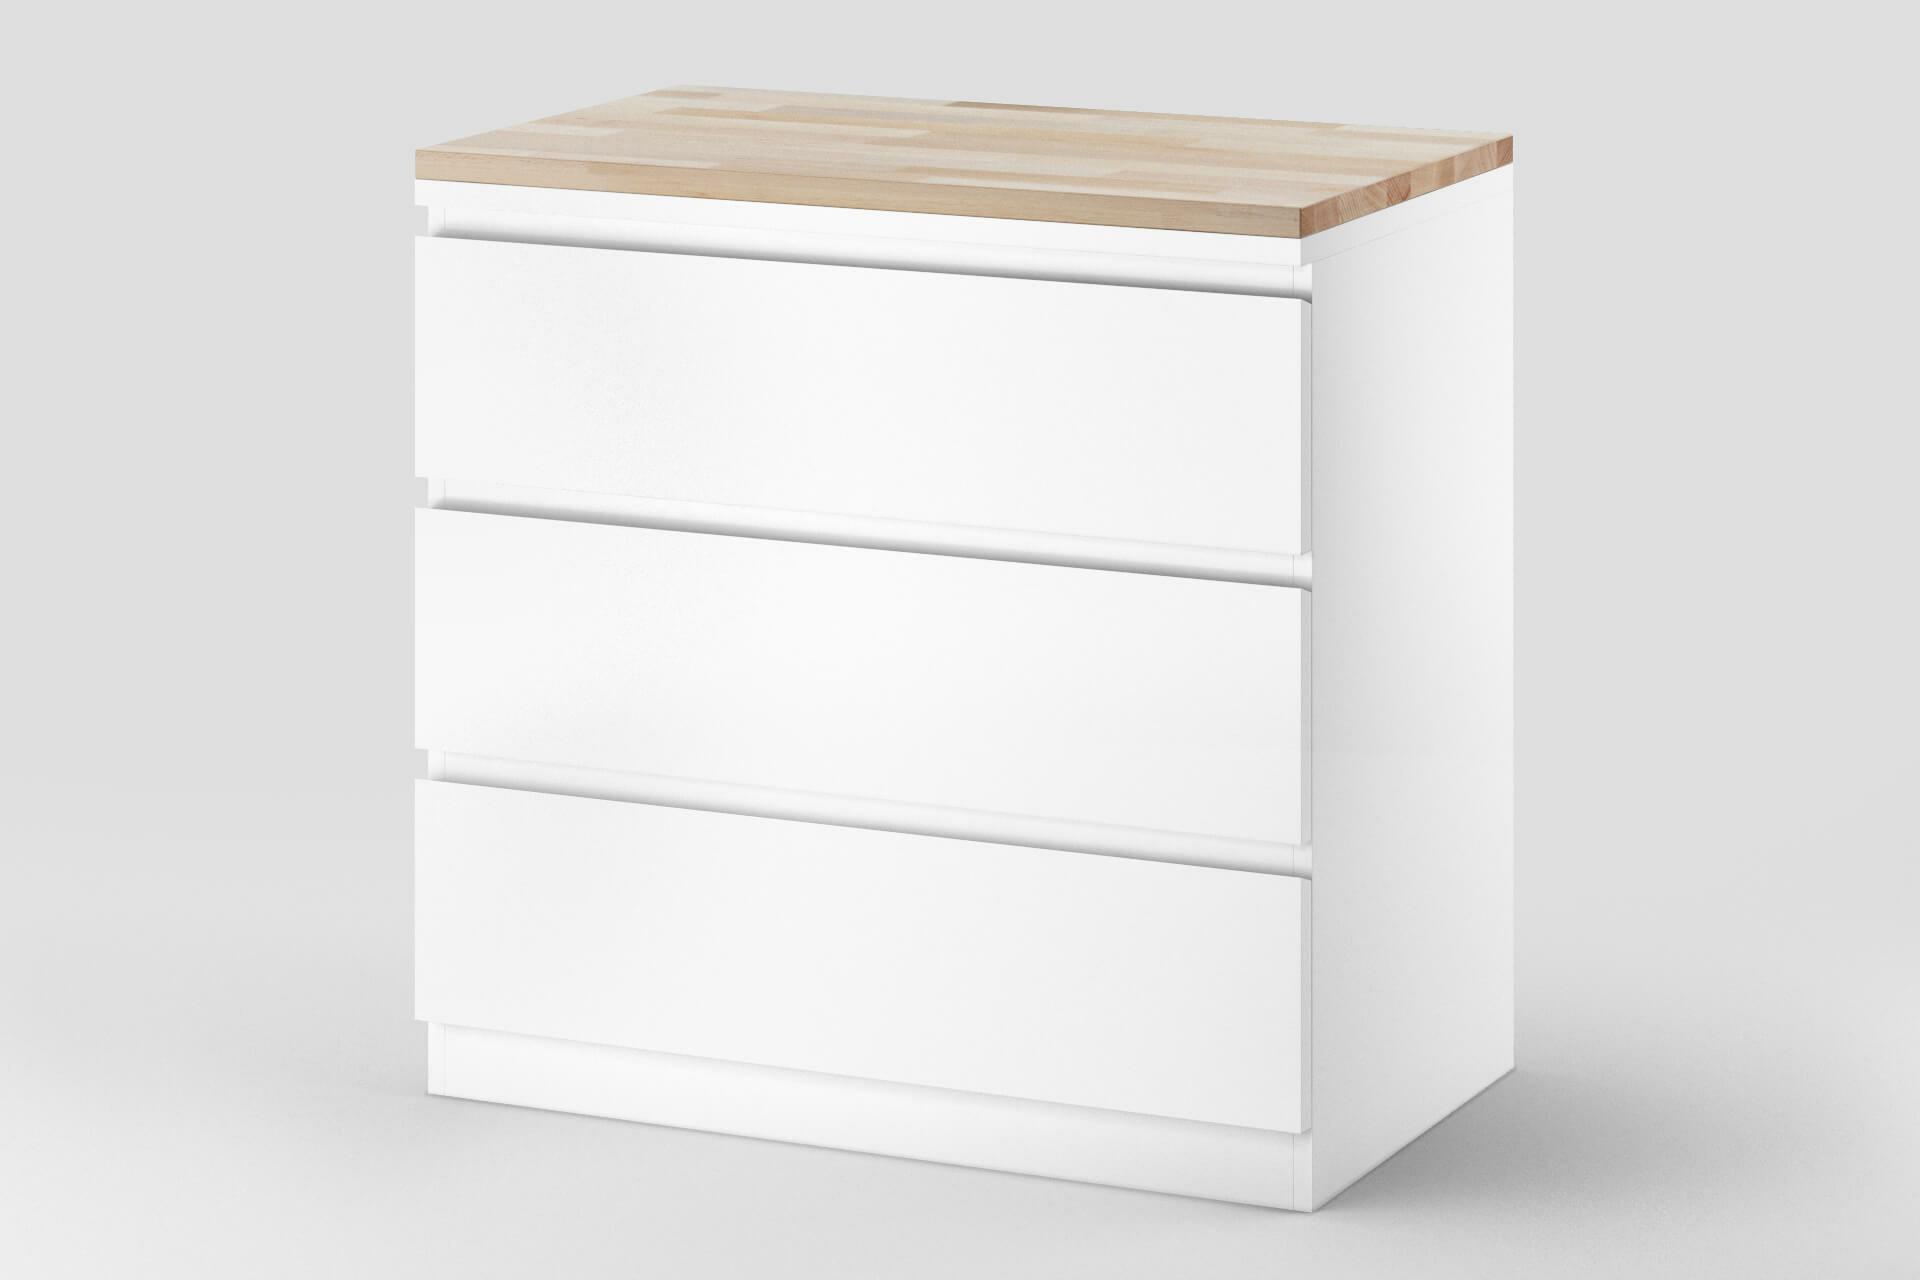 Ikea-Malm-Hack-Malm-Holzplatte